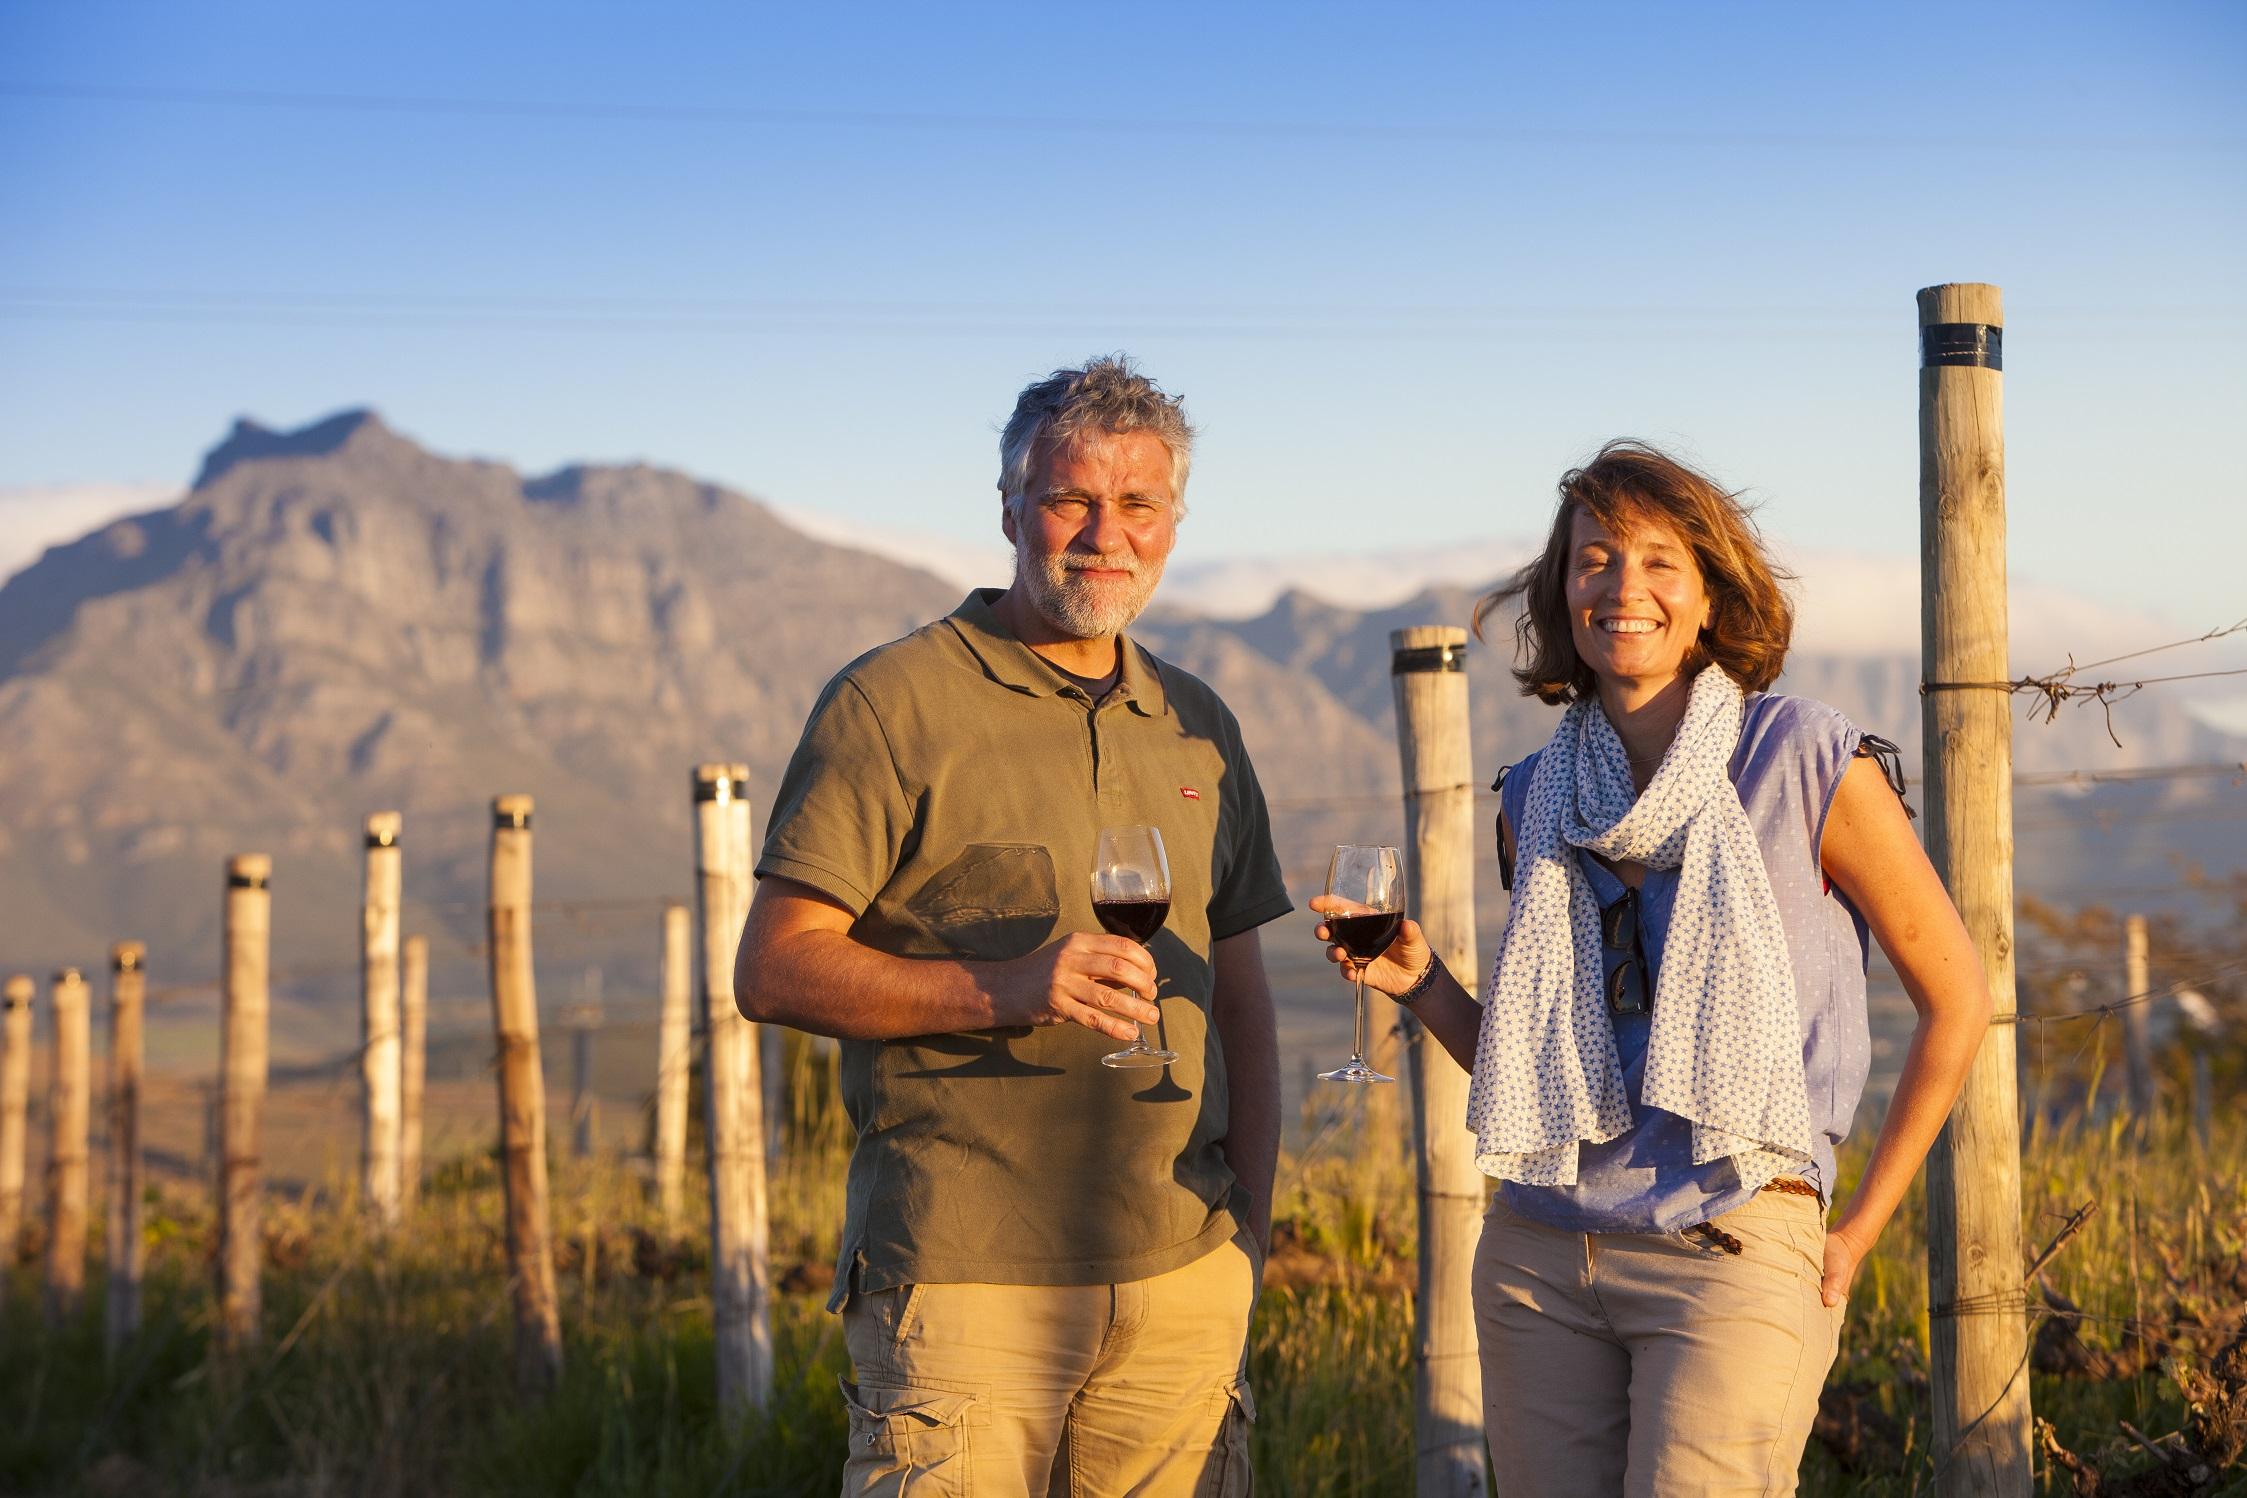 rencontres pour les couples mariés Afrique du Sud site de rencontres BBC